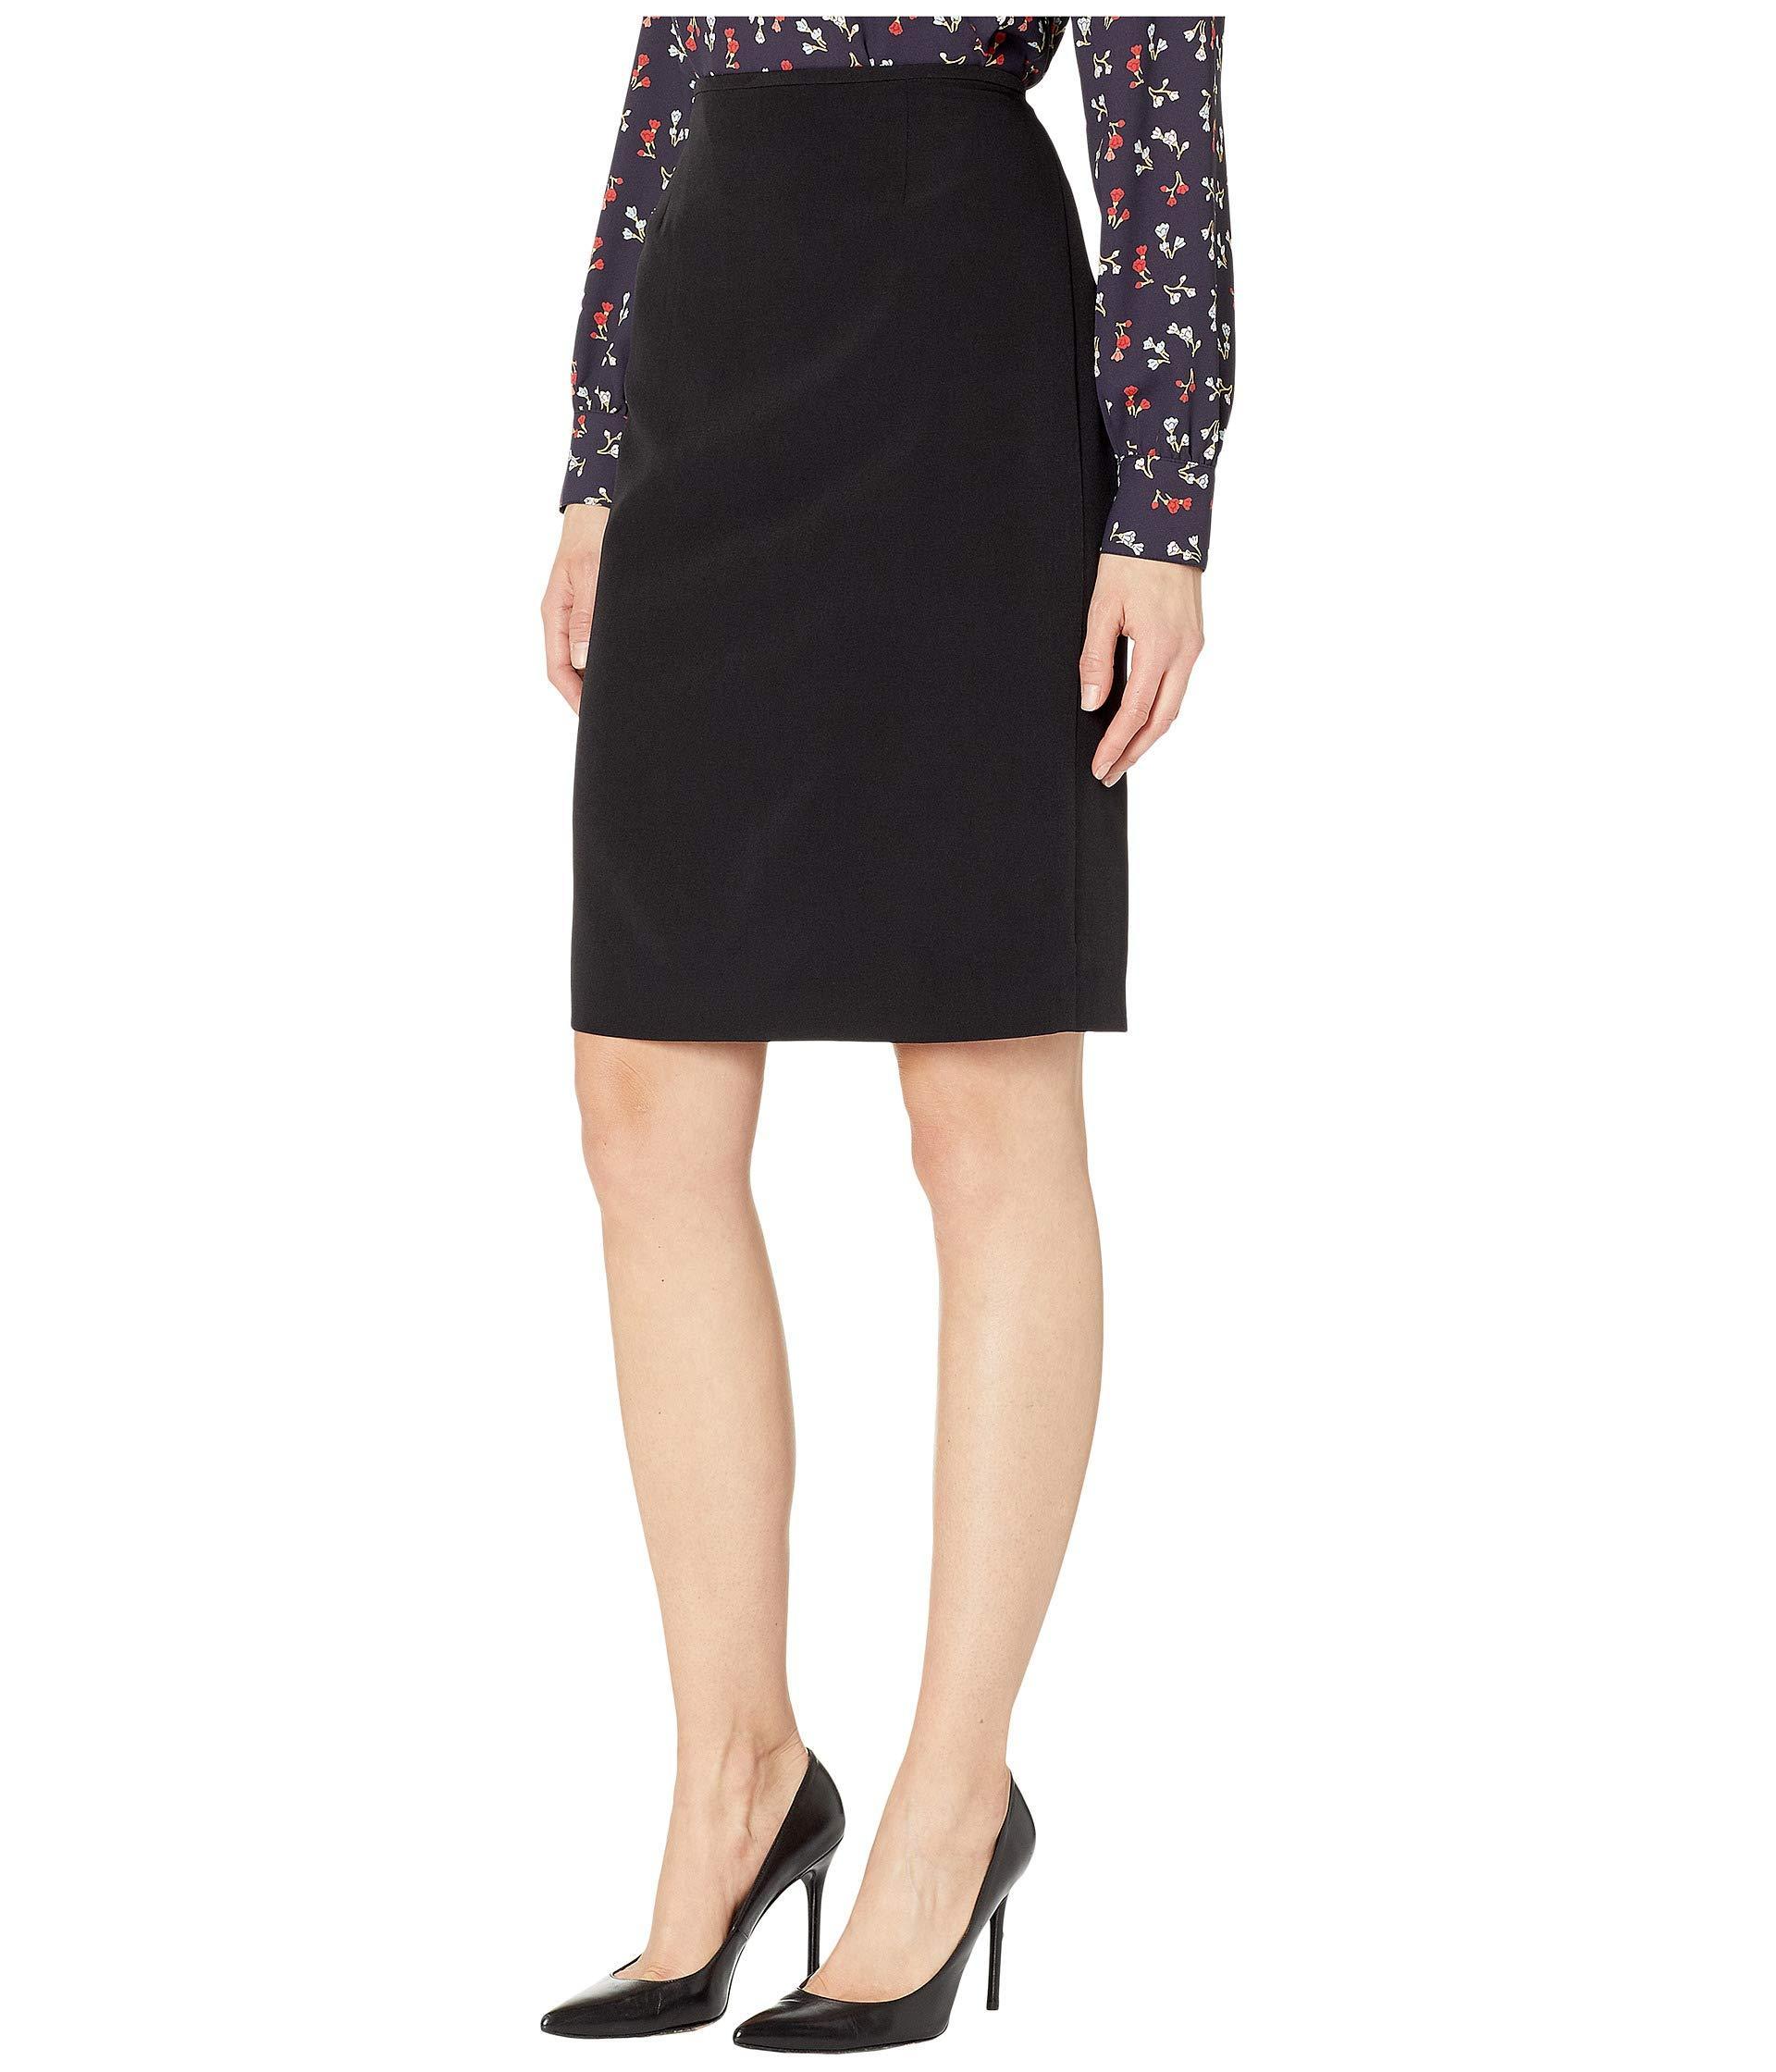 cdfe246abd Lyst - Tahari Pencil Skirt in Black